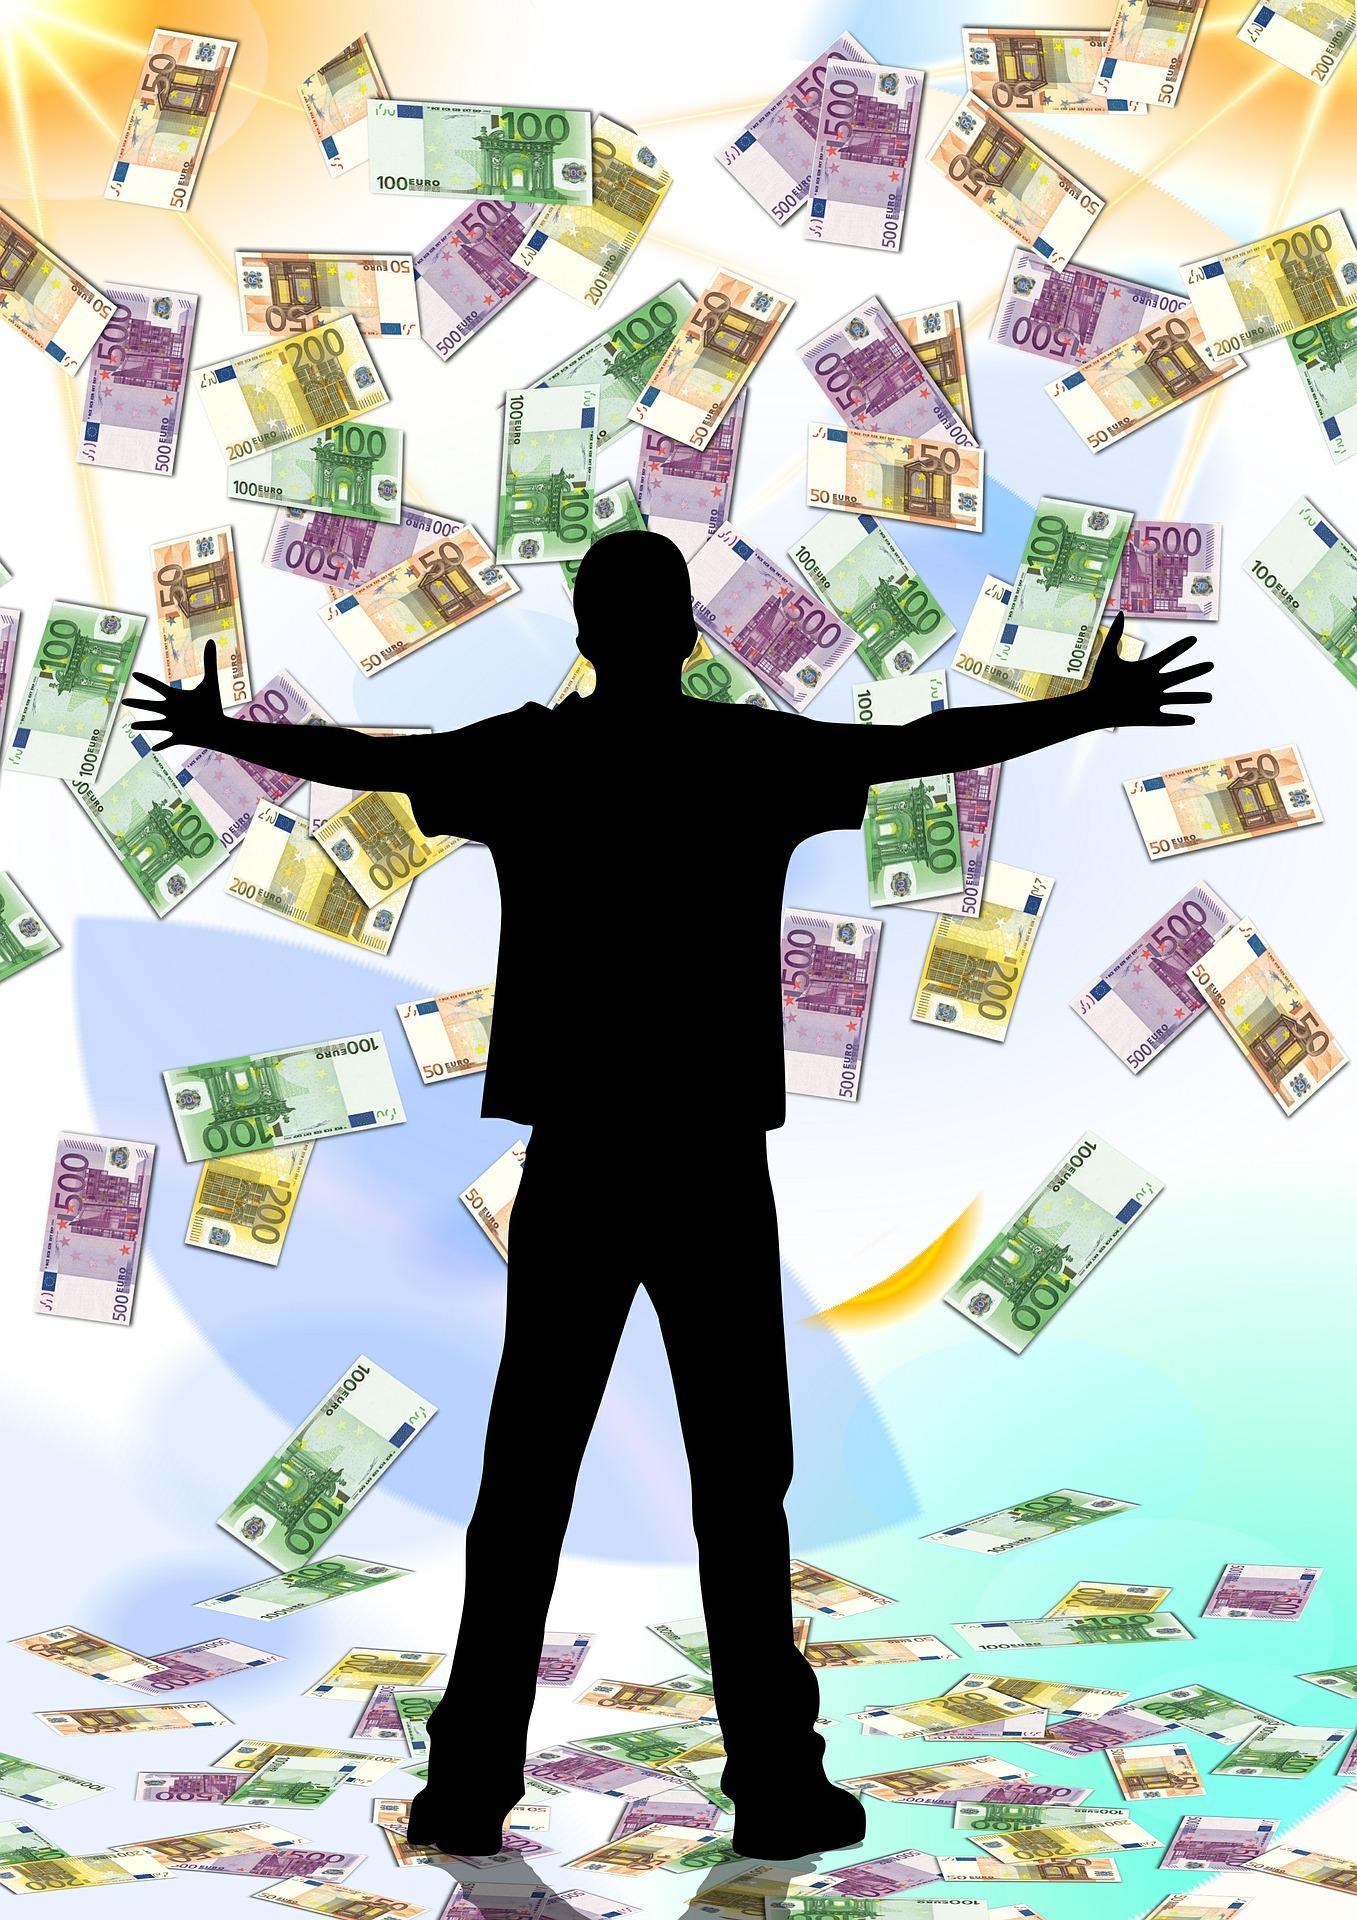 Vasul prosperitatii simbolul bogatiei succesului si prosperitatii